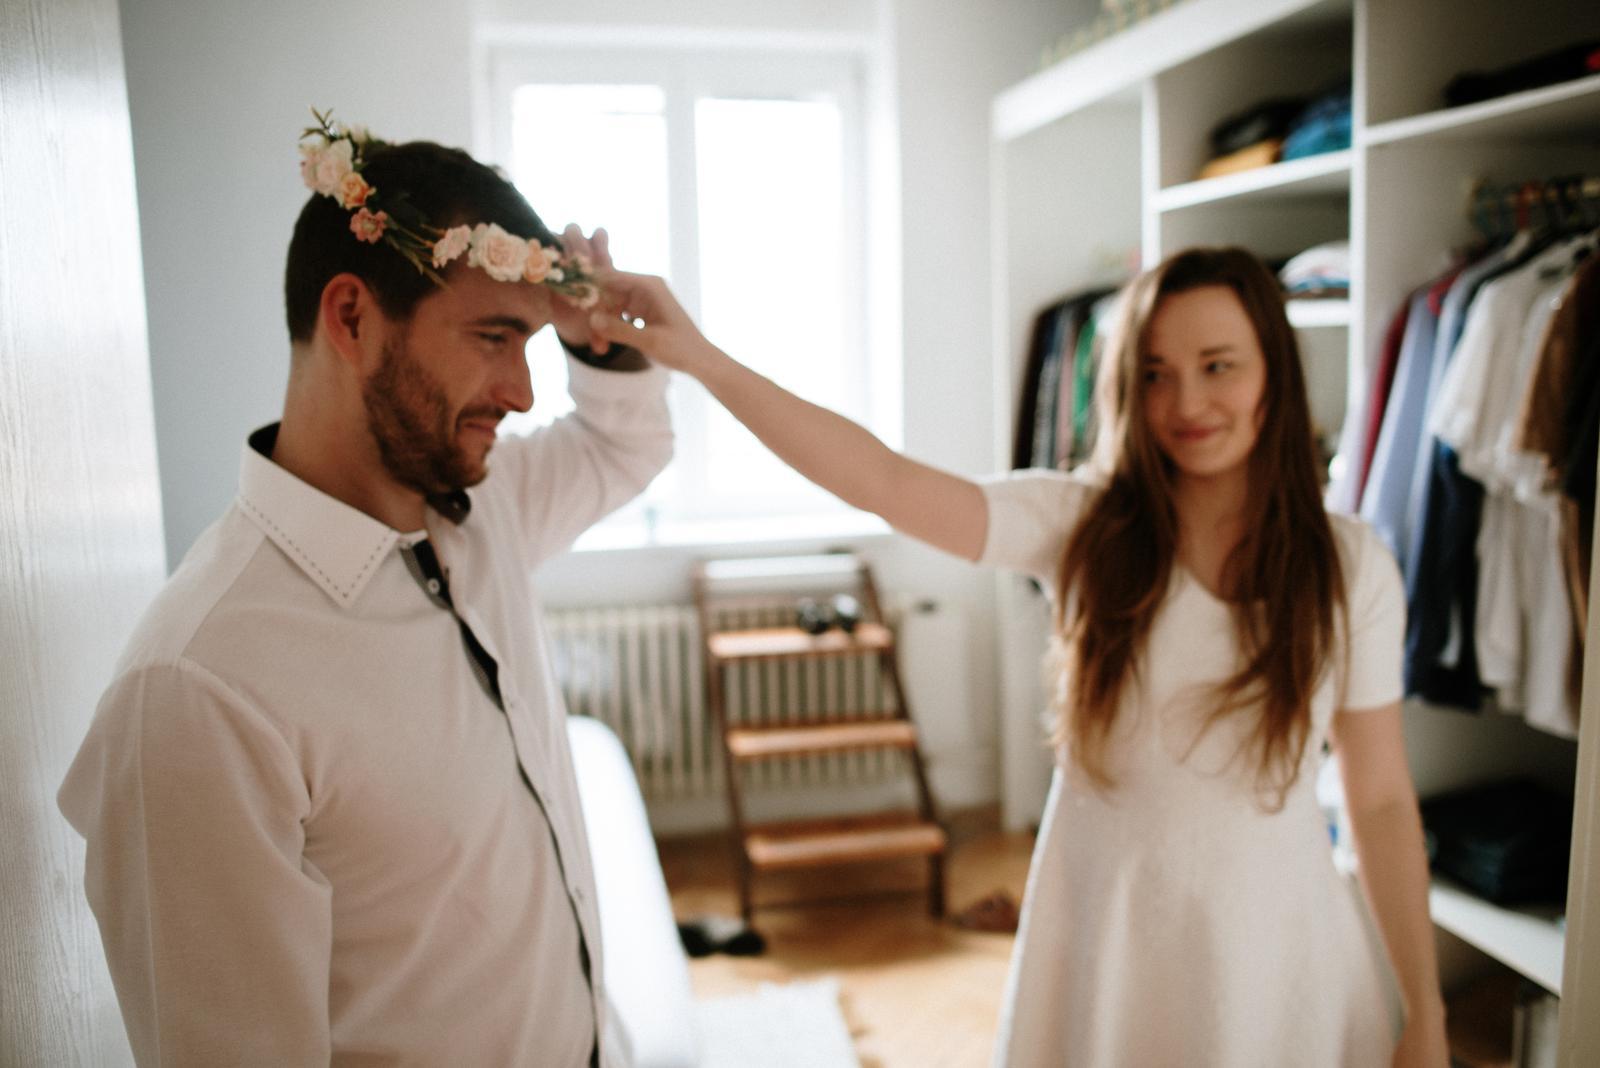 Jak udělat malou svatbu jen o dvou lidech? - Obrázek č. 19